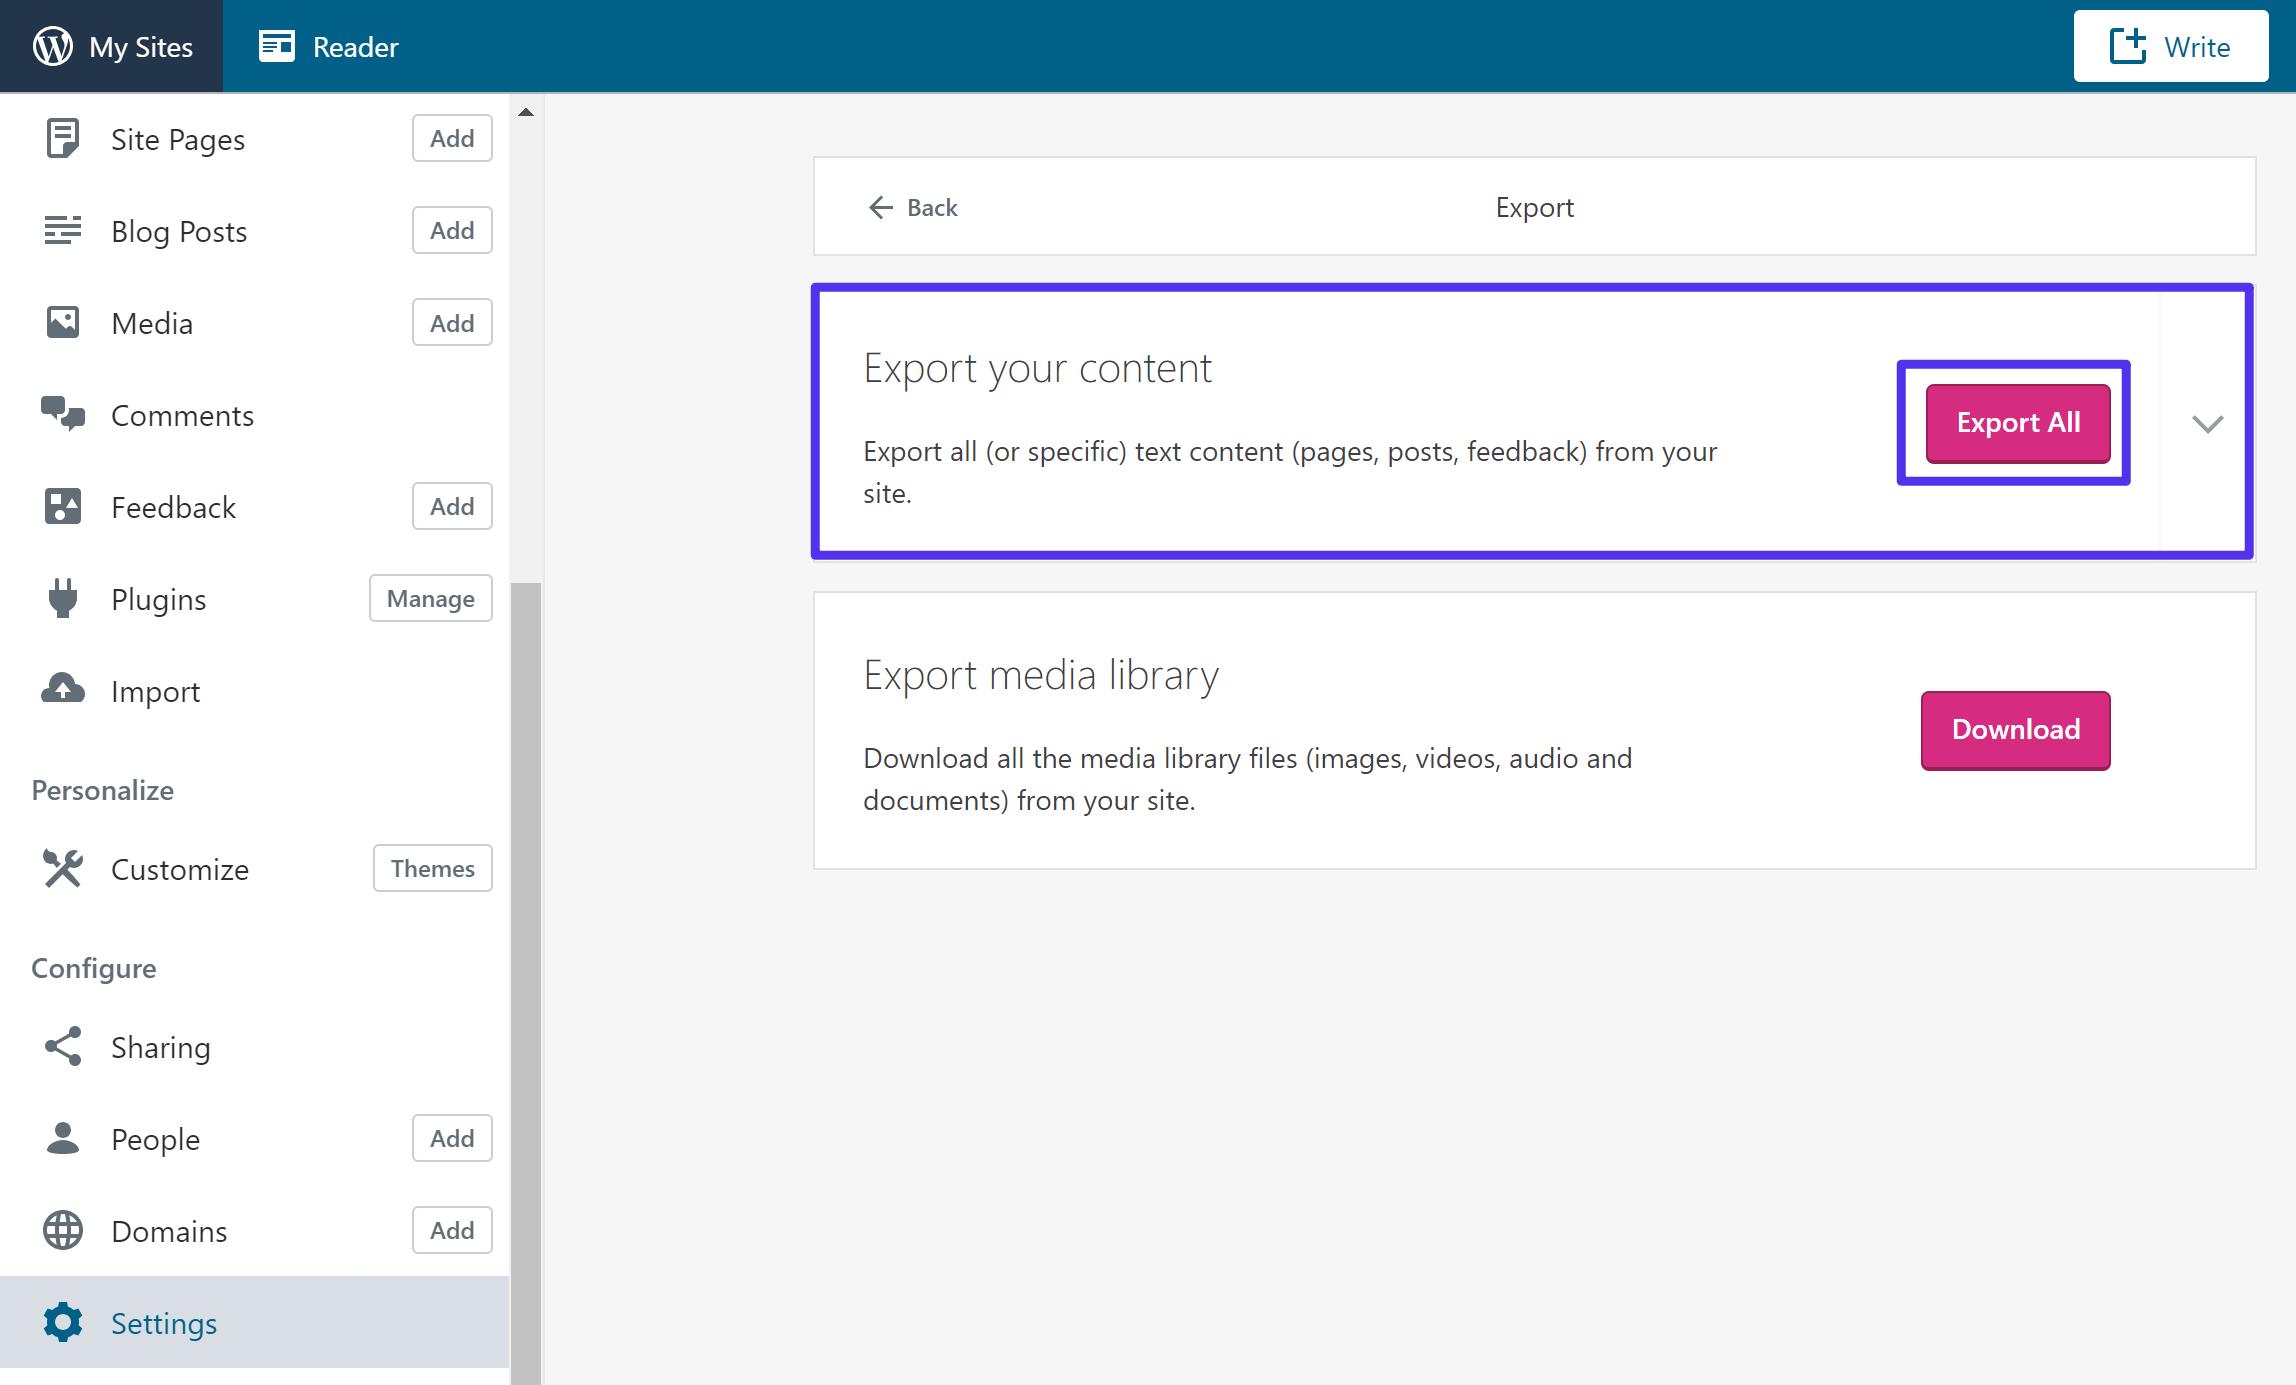 Esportare il contenuto da WordPress.com